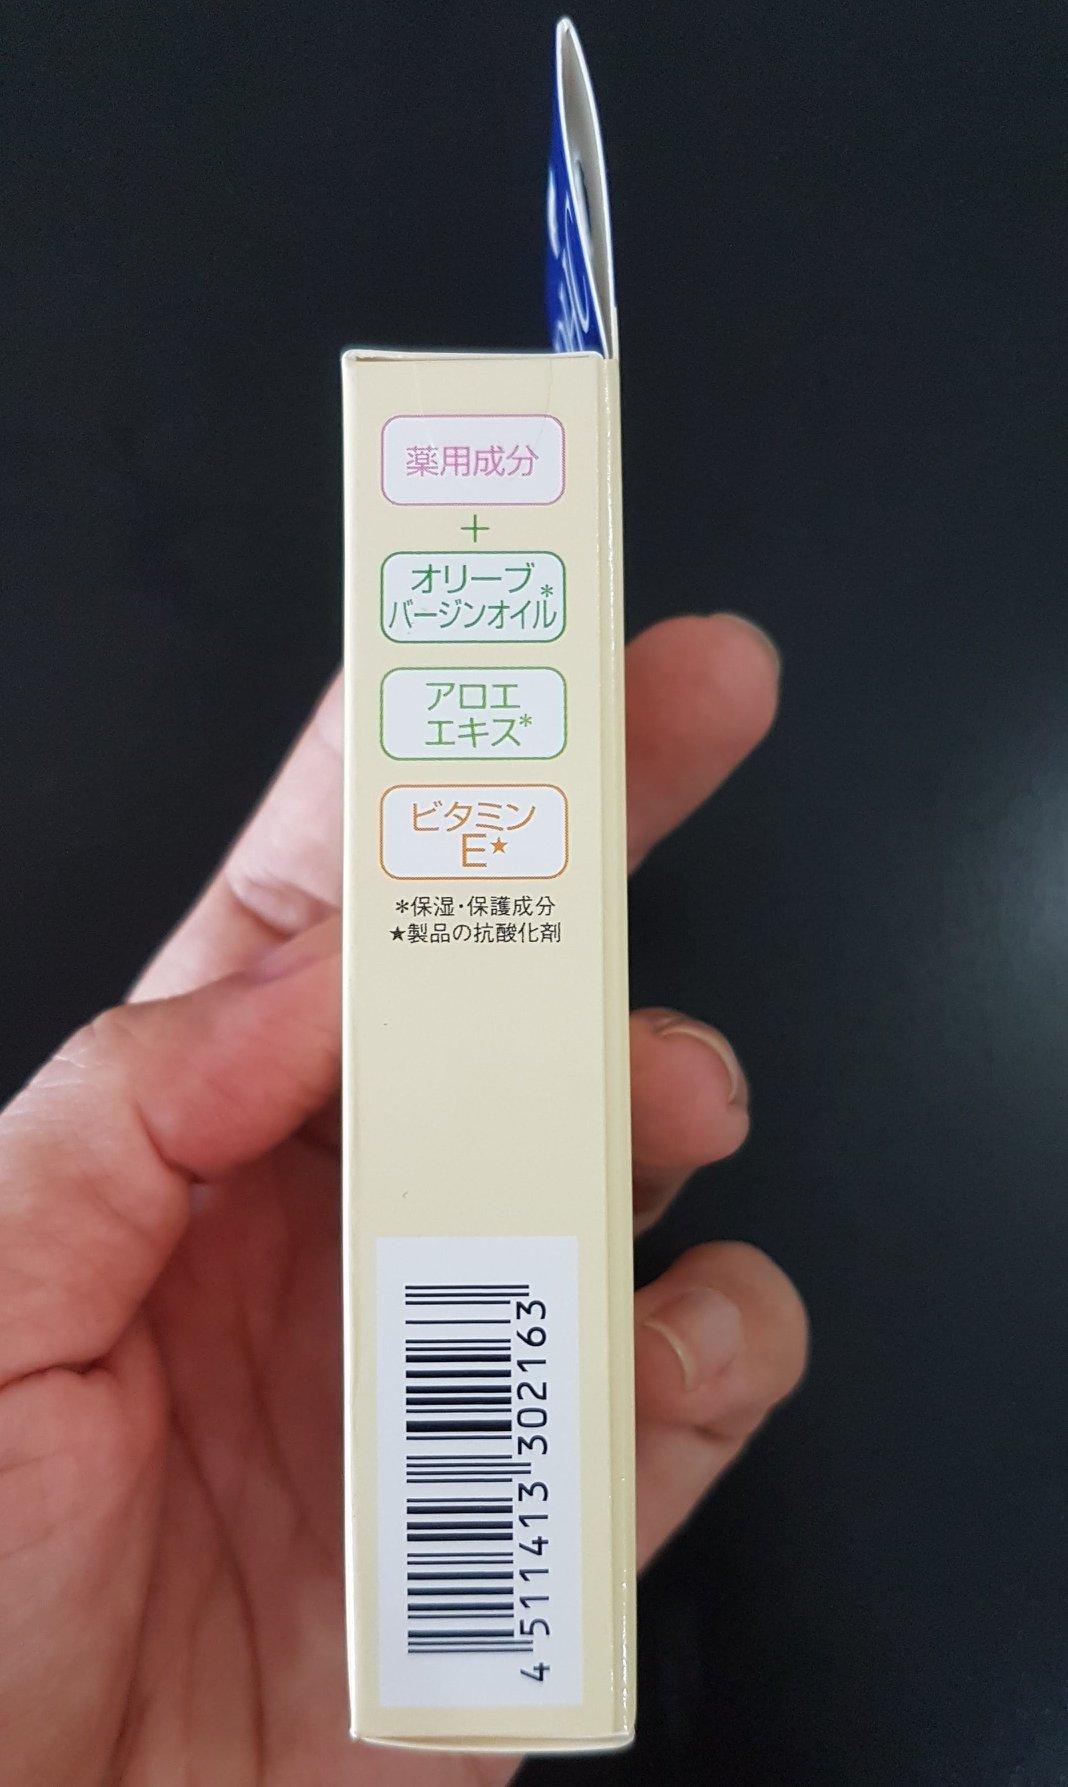 Son dưỡng môi HDC, Hỗ trợ trị thâm môi, Hàng Nhật